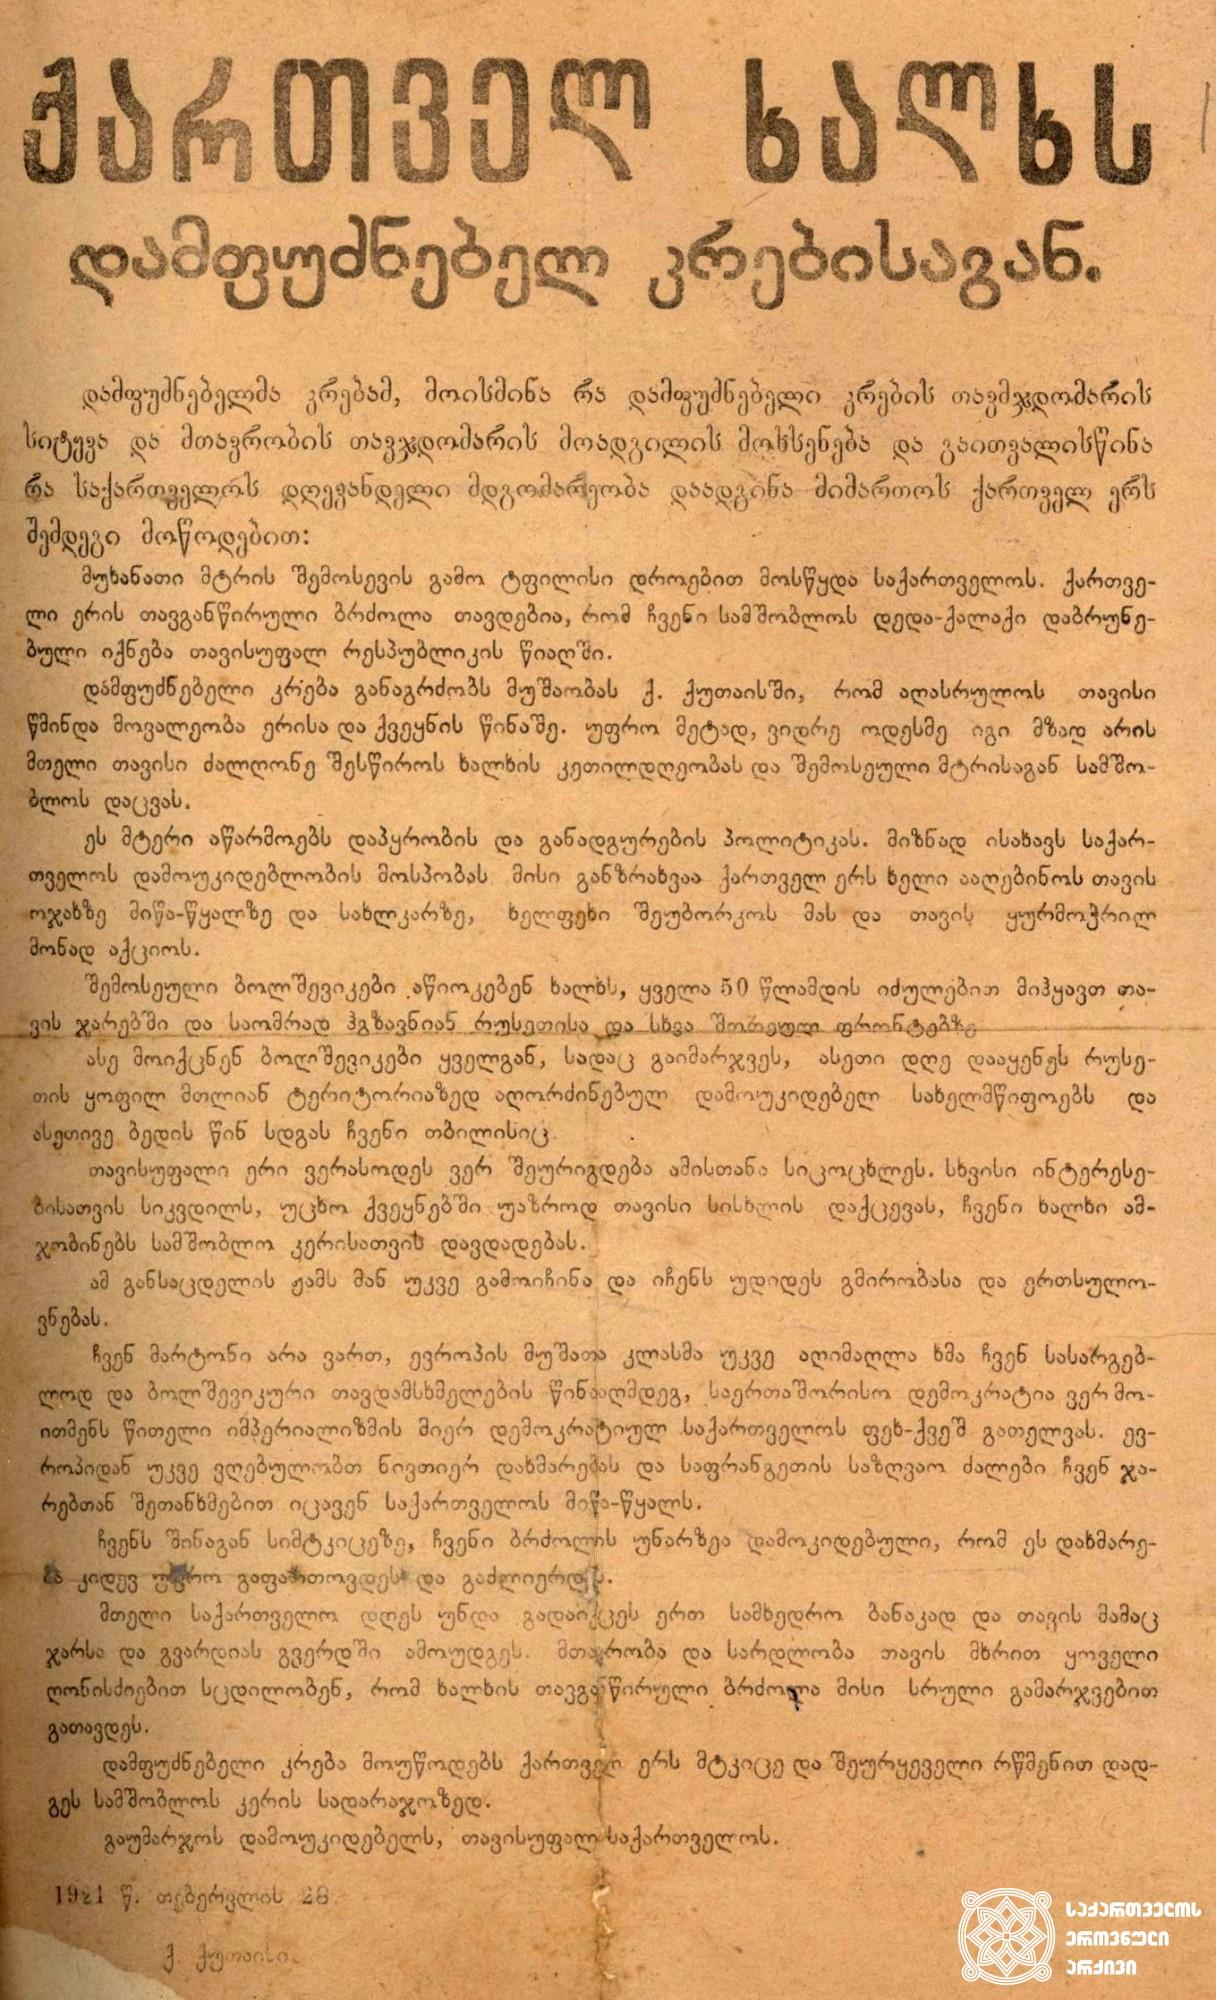 საქართველოს დამფუძნებელი კრების მოწოდება ქართველ ხალხს - თბილისის დატოვებისა და ომის გაგრძელების აუცილებლობის შესახებ. <br> 1921 წლის 28 თებერვალი. <br> The appeal of the ConstituentAssembly of Georgia to the Georgian people about leaving Tbilisi and the necessity to continue the war. <br> February 28, 1921.